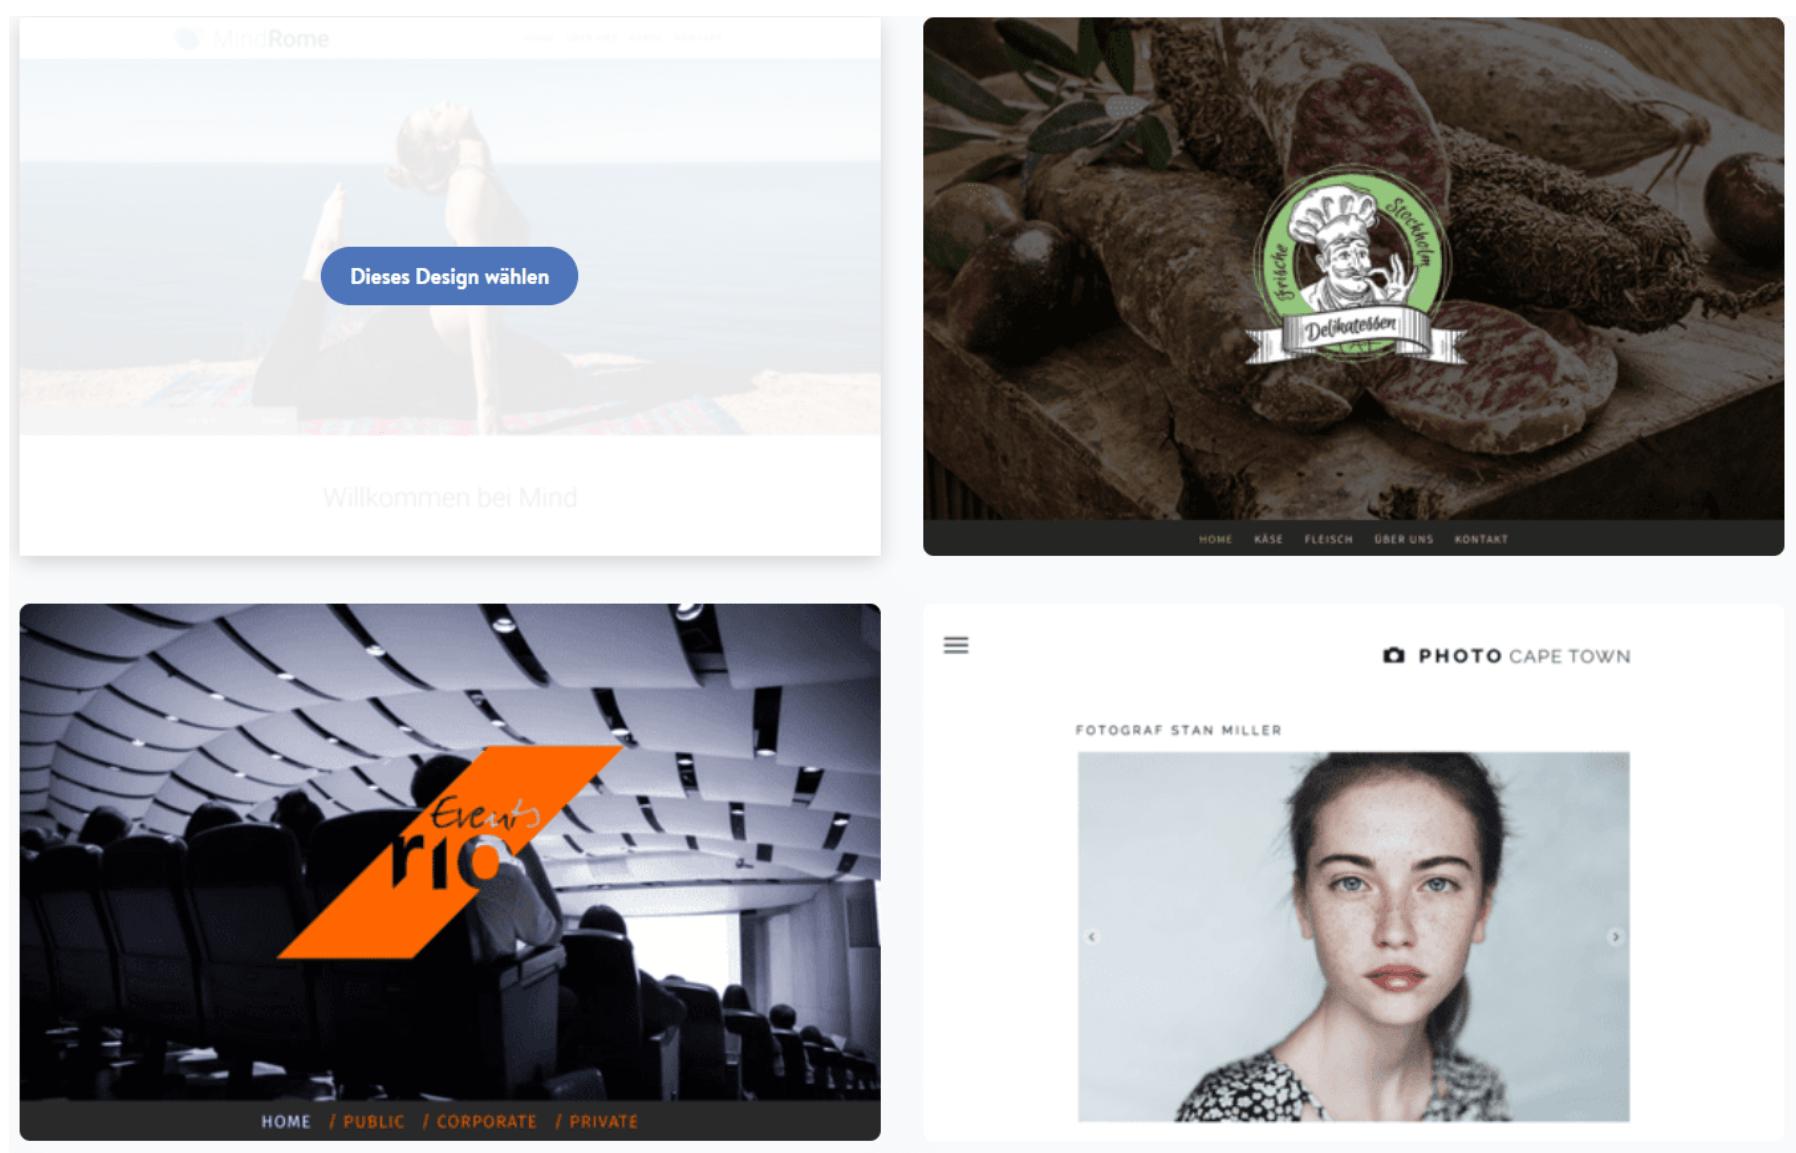 Kostenlose Website erstellen mit Jimdo - Anleitung Schritt 5